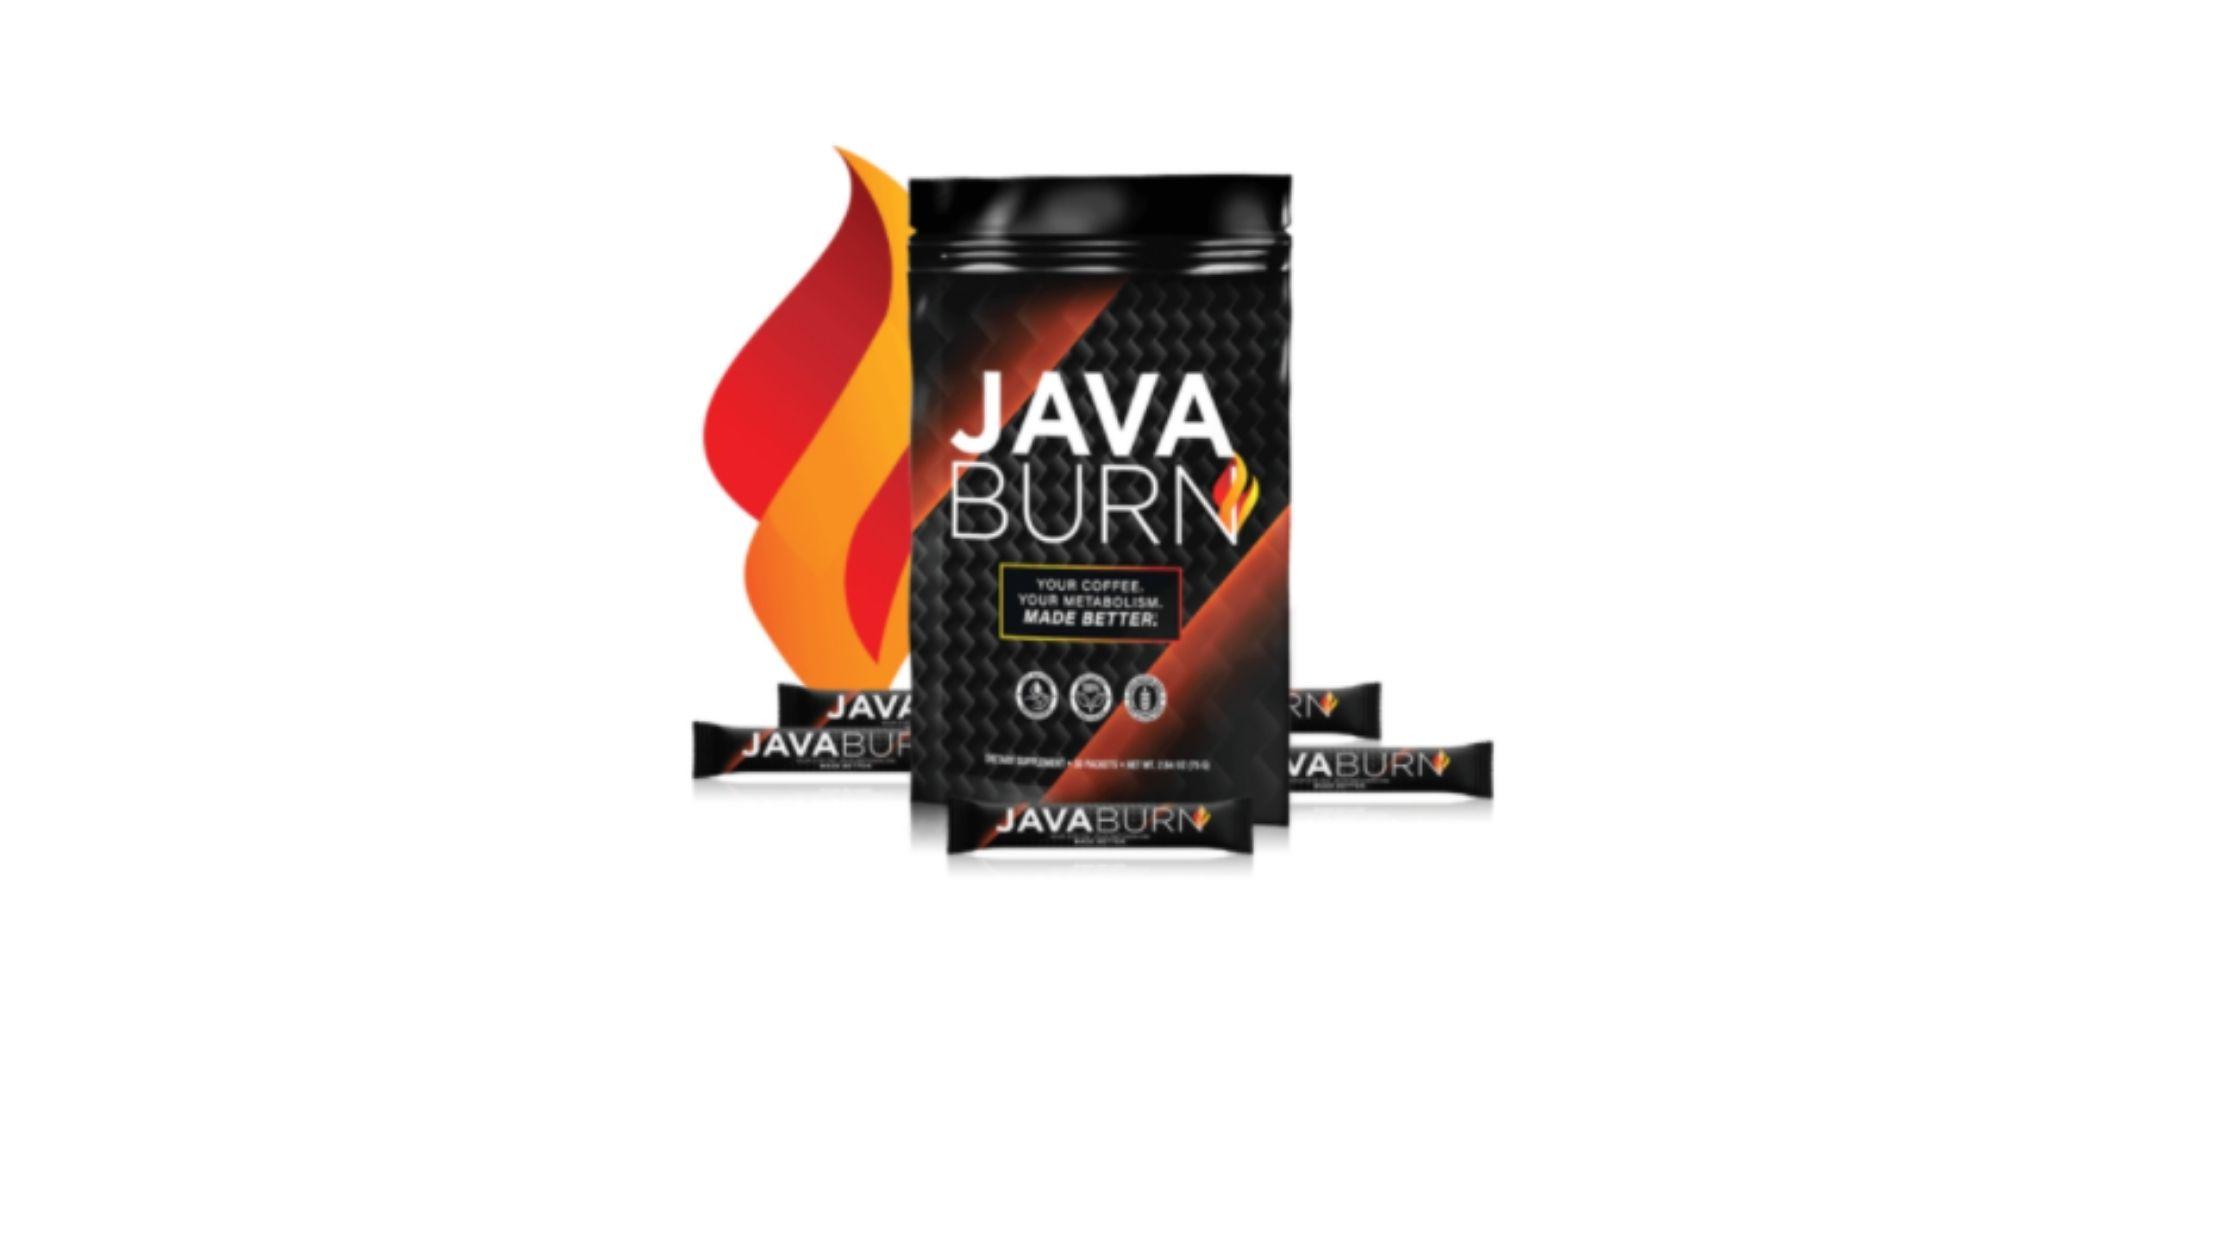 Java-Burn-Reviews-2